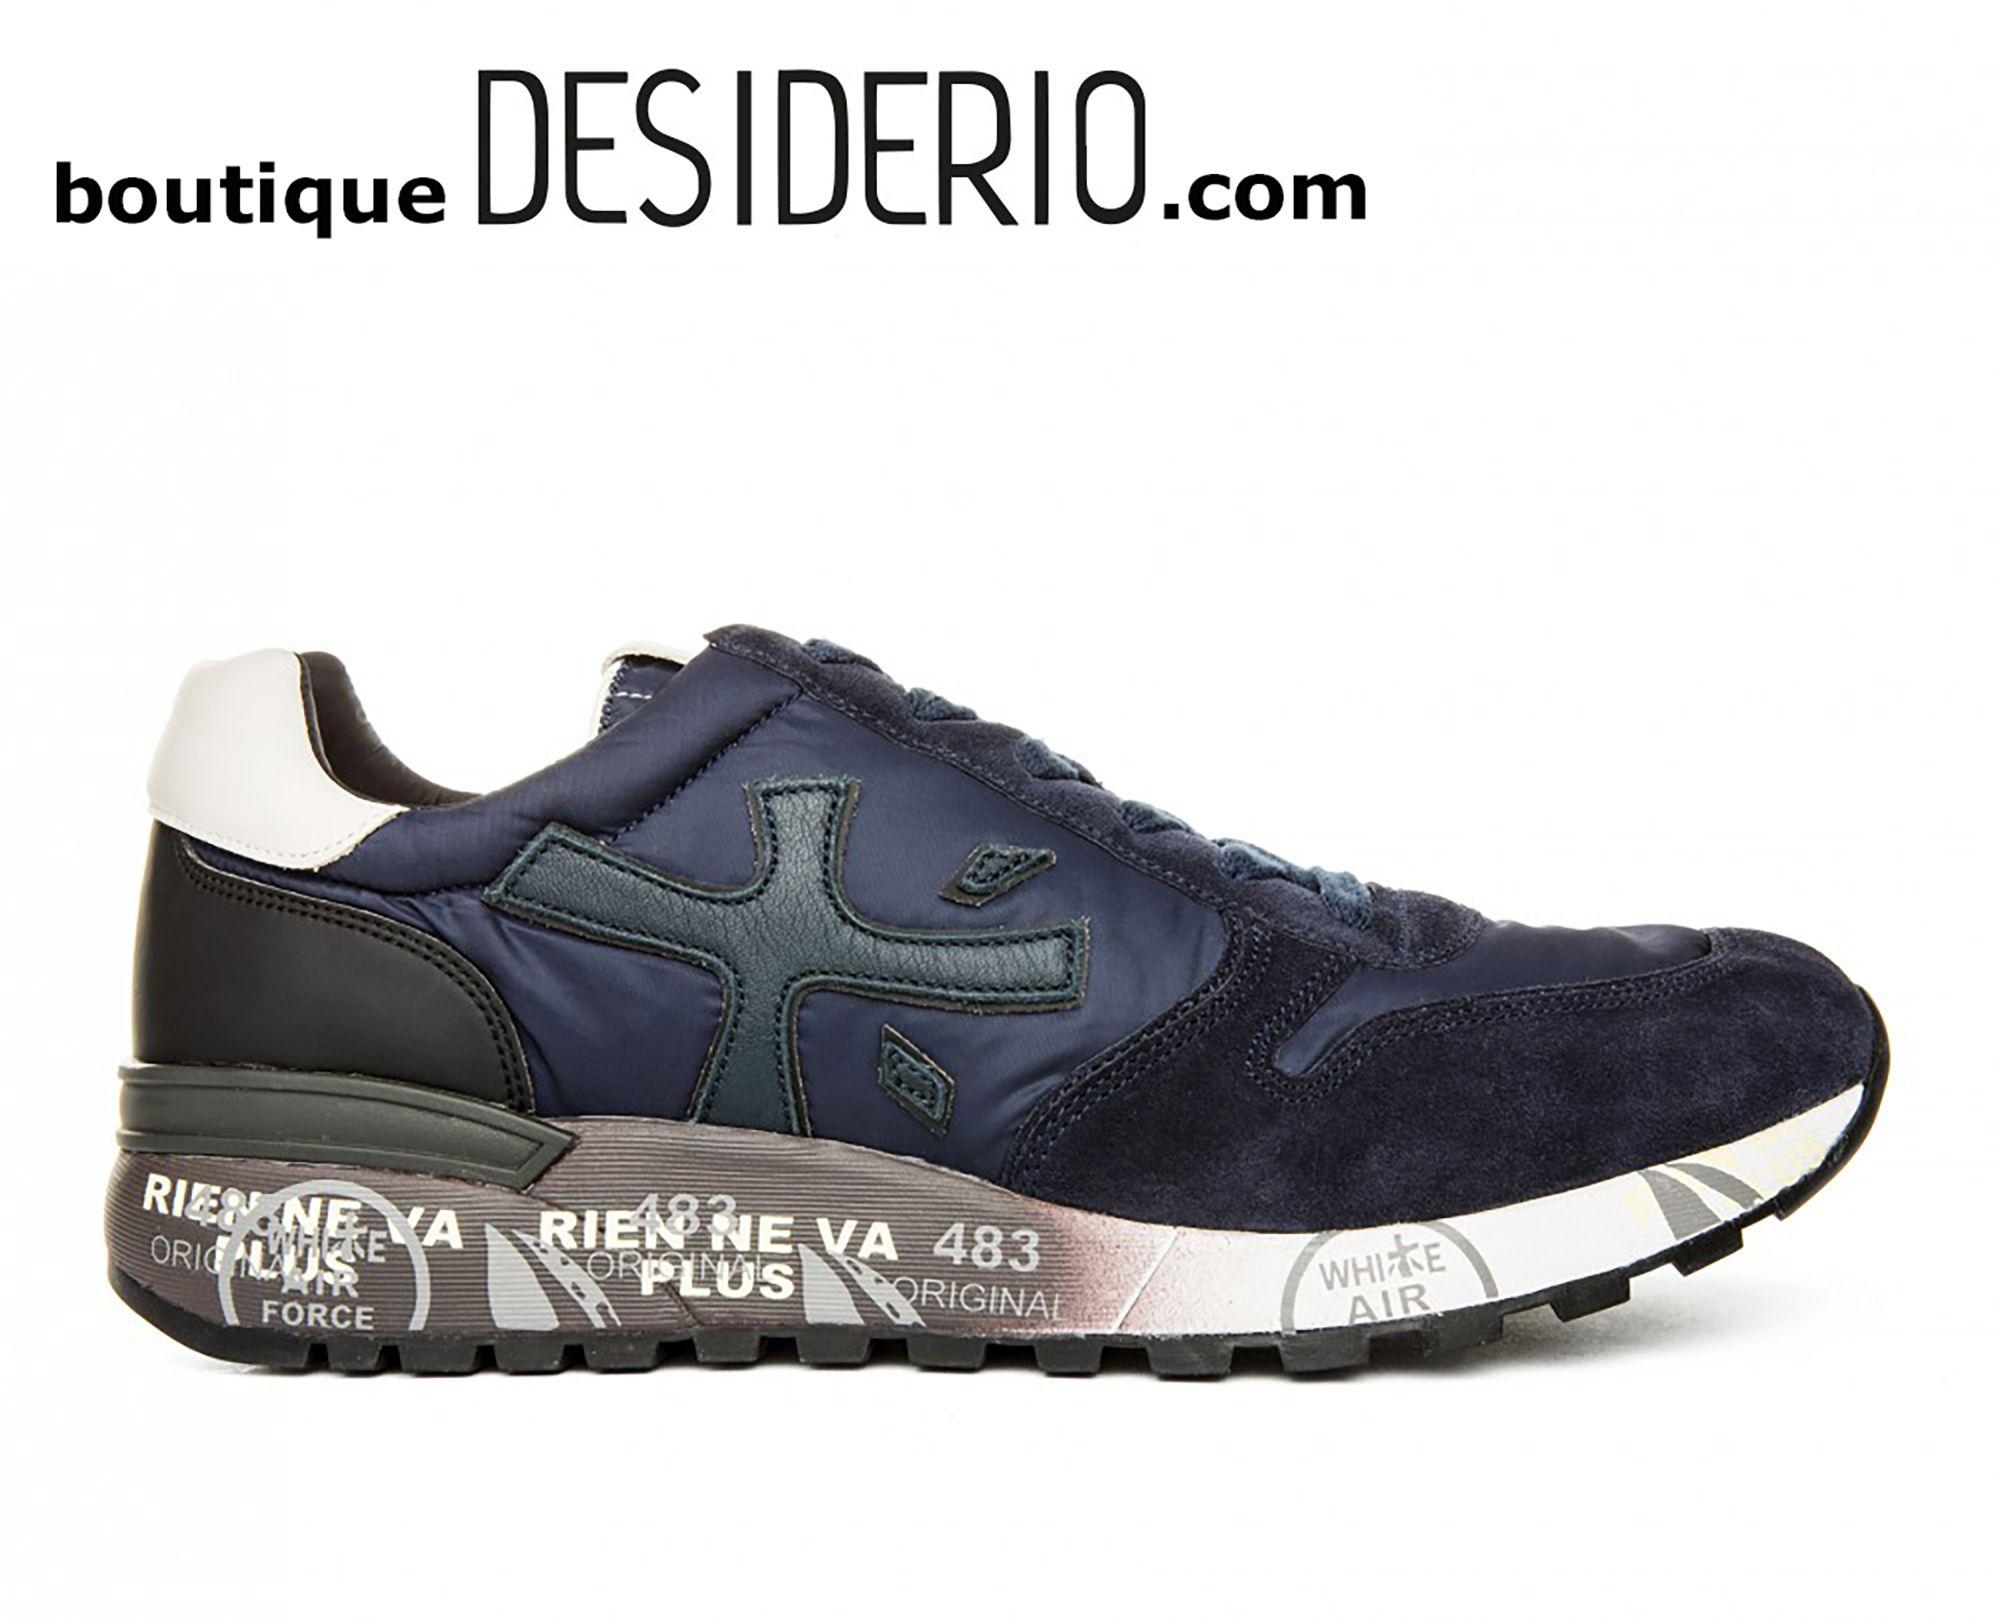 DESIDERIO boutique - PREMIATA MICK 2683 sneaker uomo camoscio blu scuro  autunno inverno 2017 2018 www